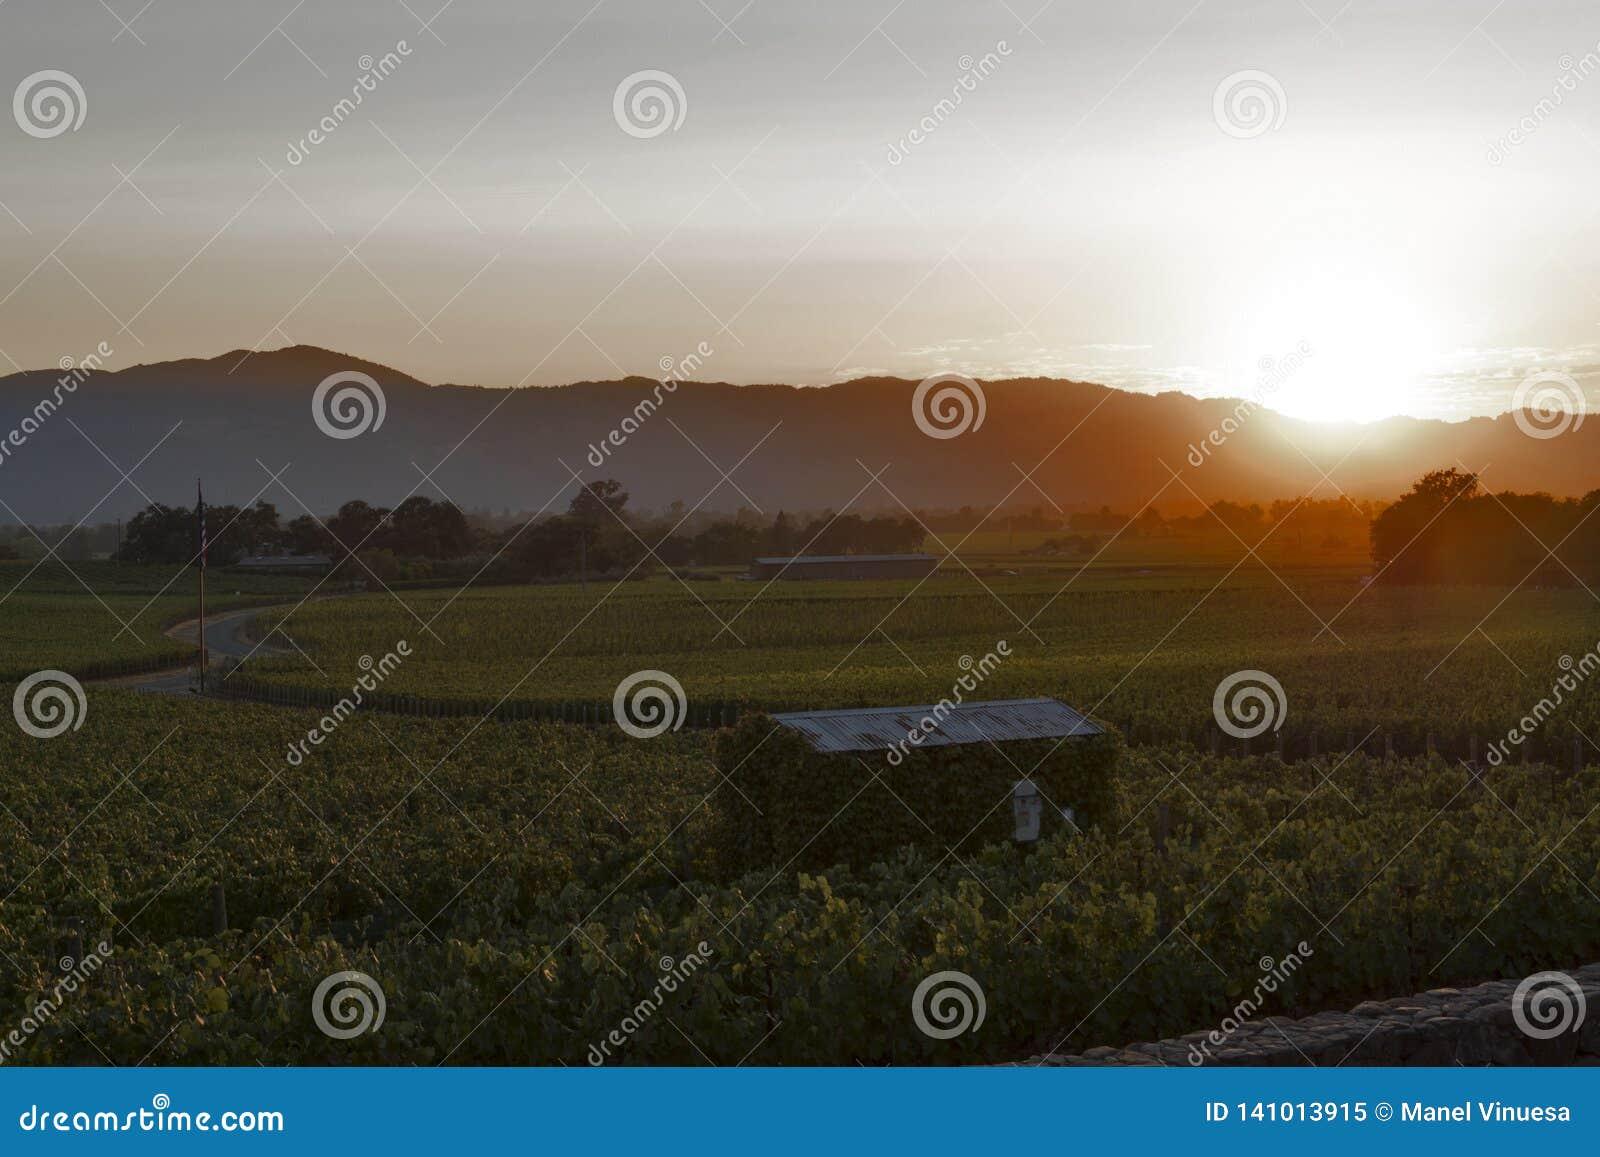 Paysage de Napa Valley au coucher du soleil, la Californie, Etats-Unis